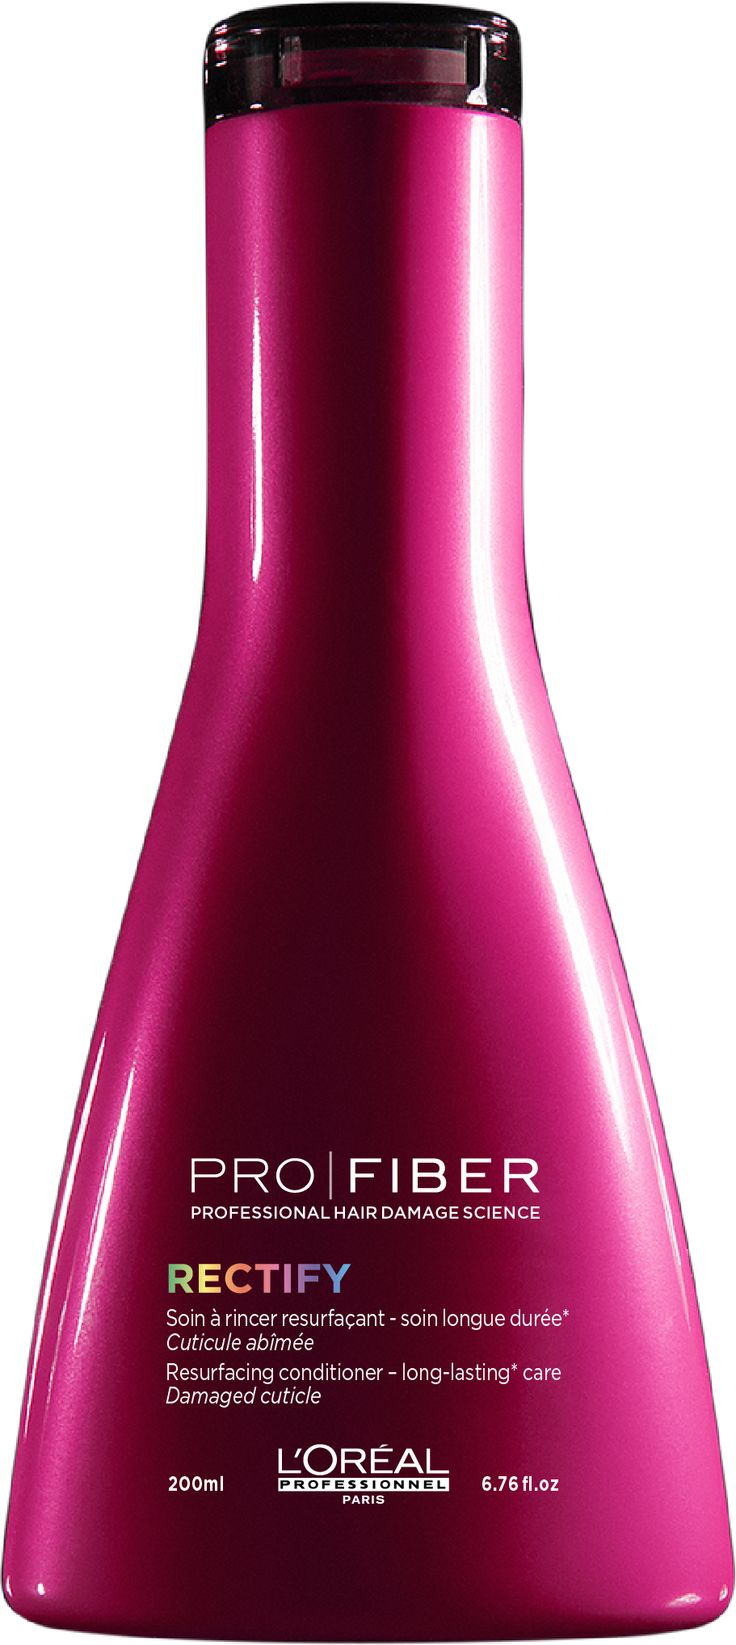 L'Oréal Professionnel PRO|FIBER Rectify Resurfacing conditioner 200ml. Acondicionador reperador para desenredar el cabello y facilita el peinado